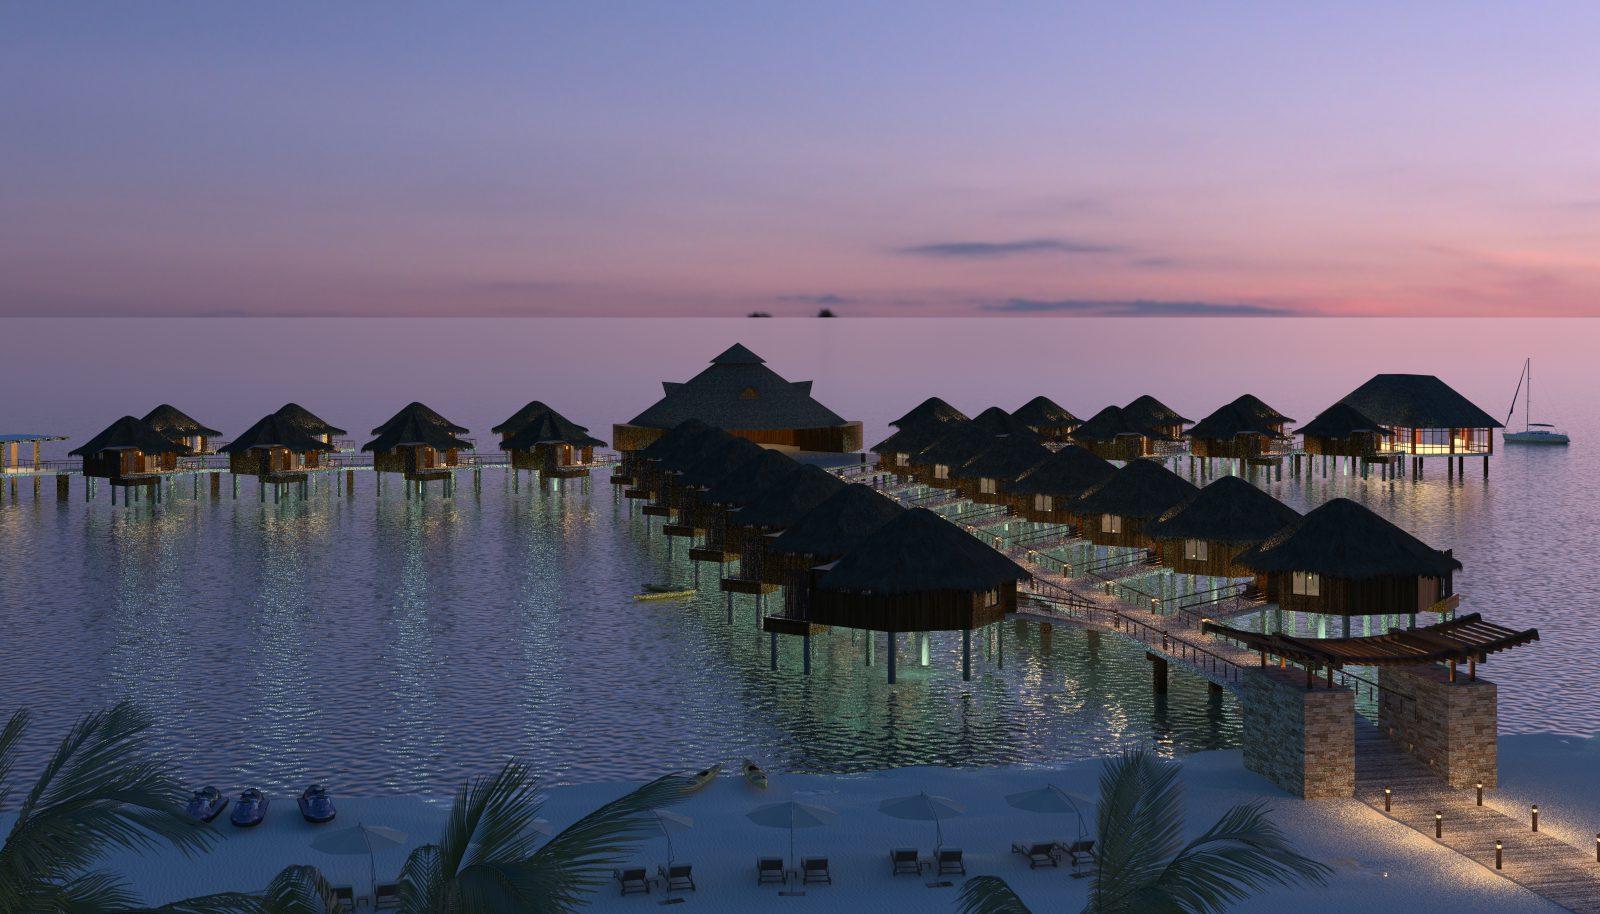 hoteles deslumbrantes bungalows sobre el agua hacen su